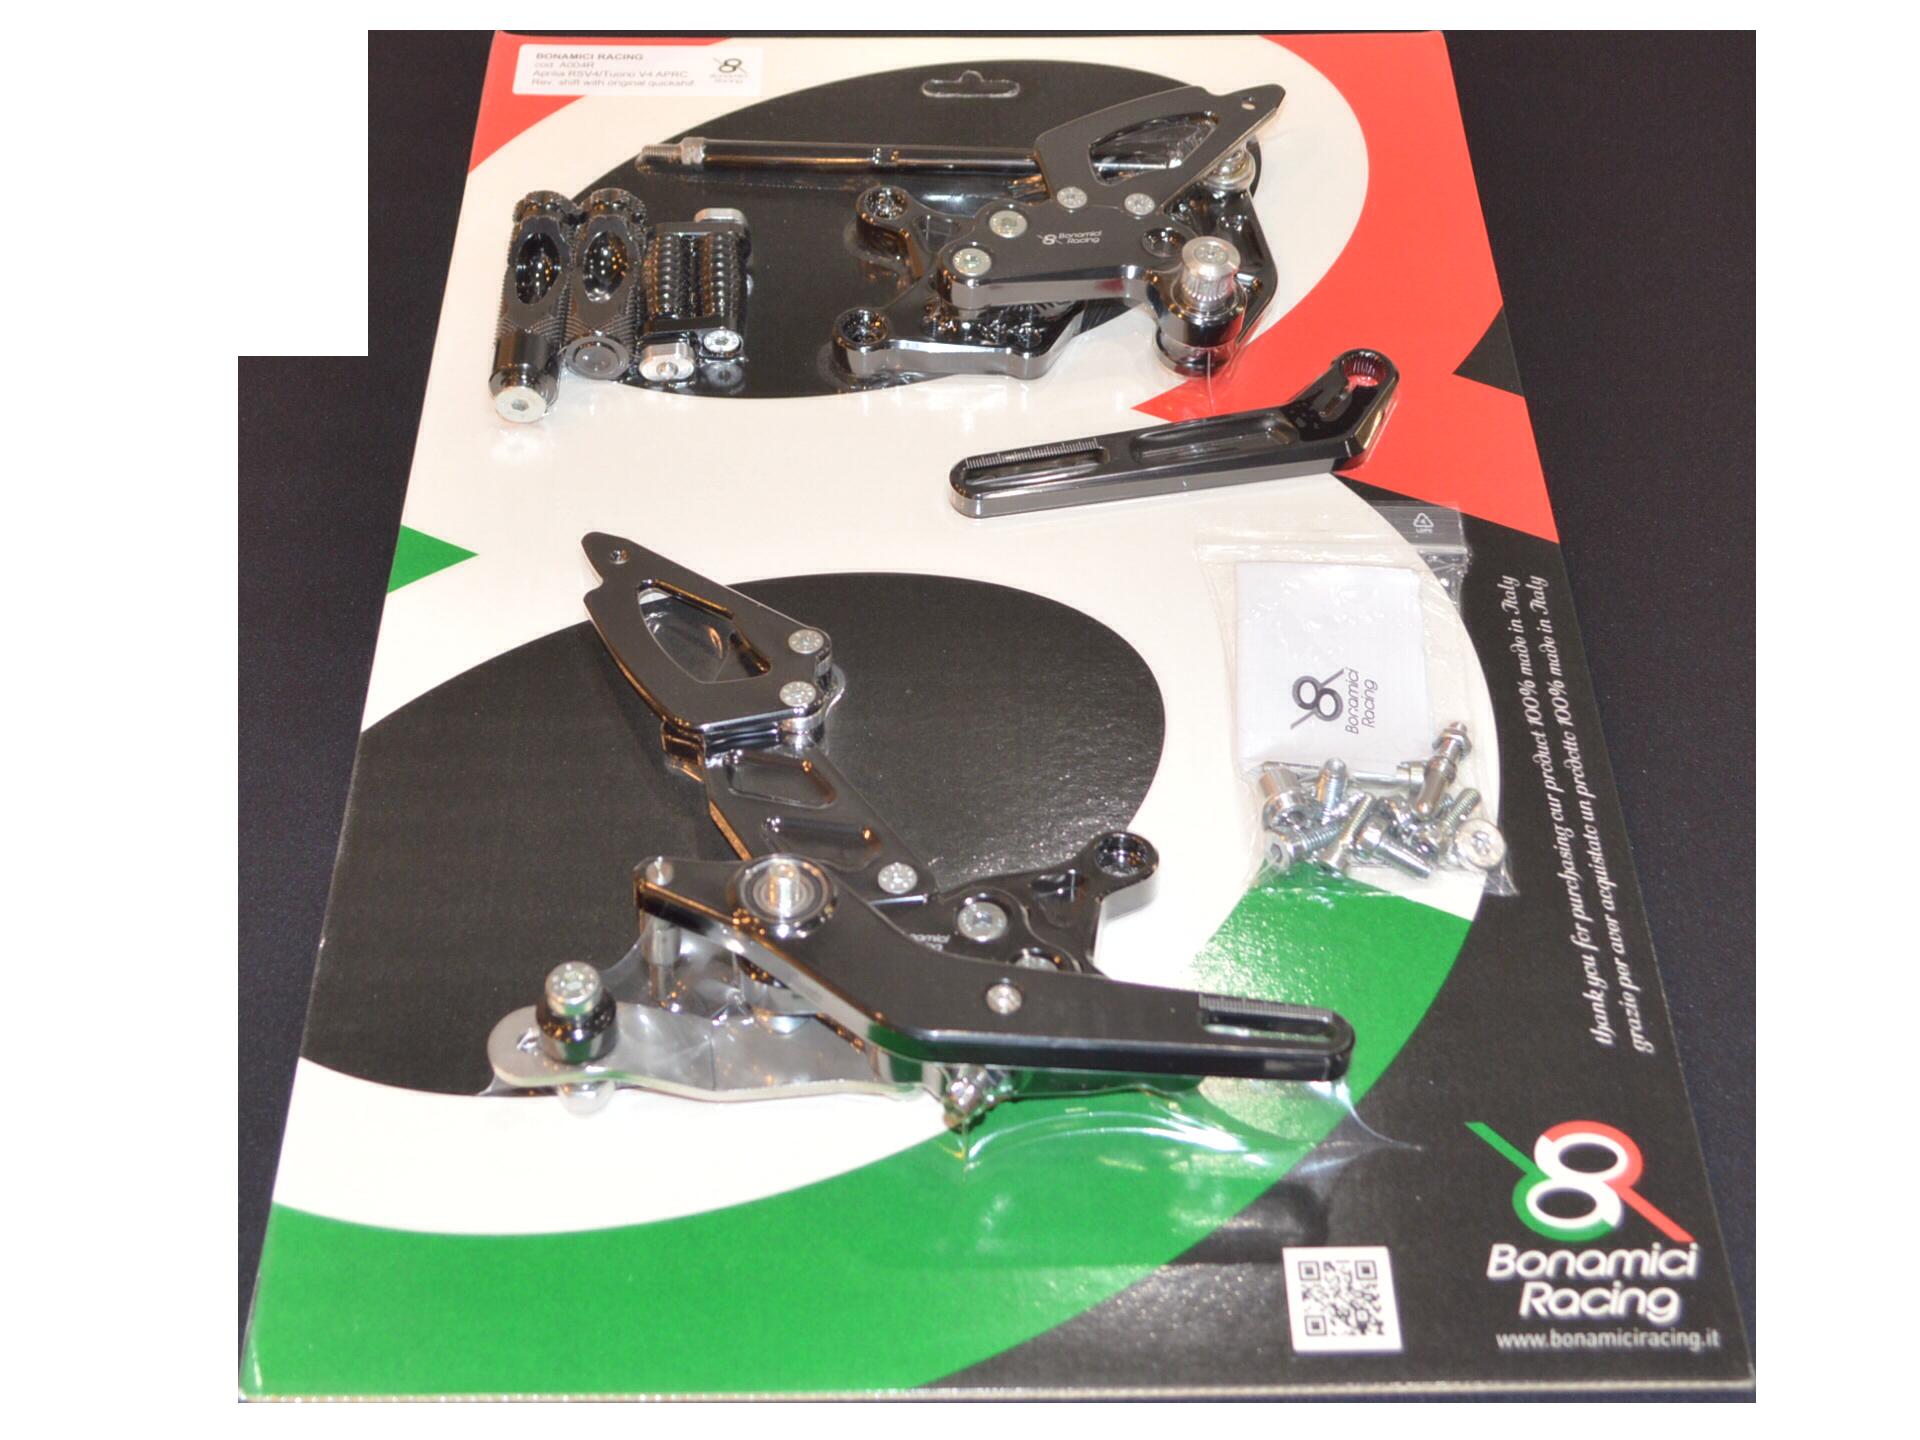 Bonamici Aprilia RSV4 & Tuono V4 Rearsets with APRC